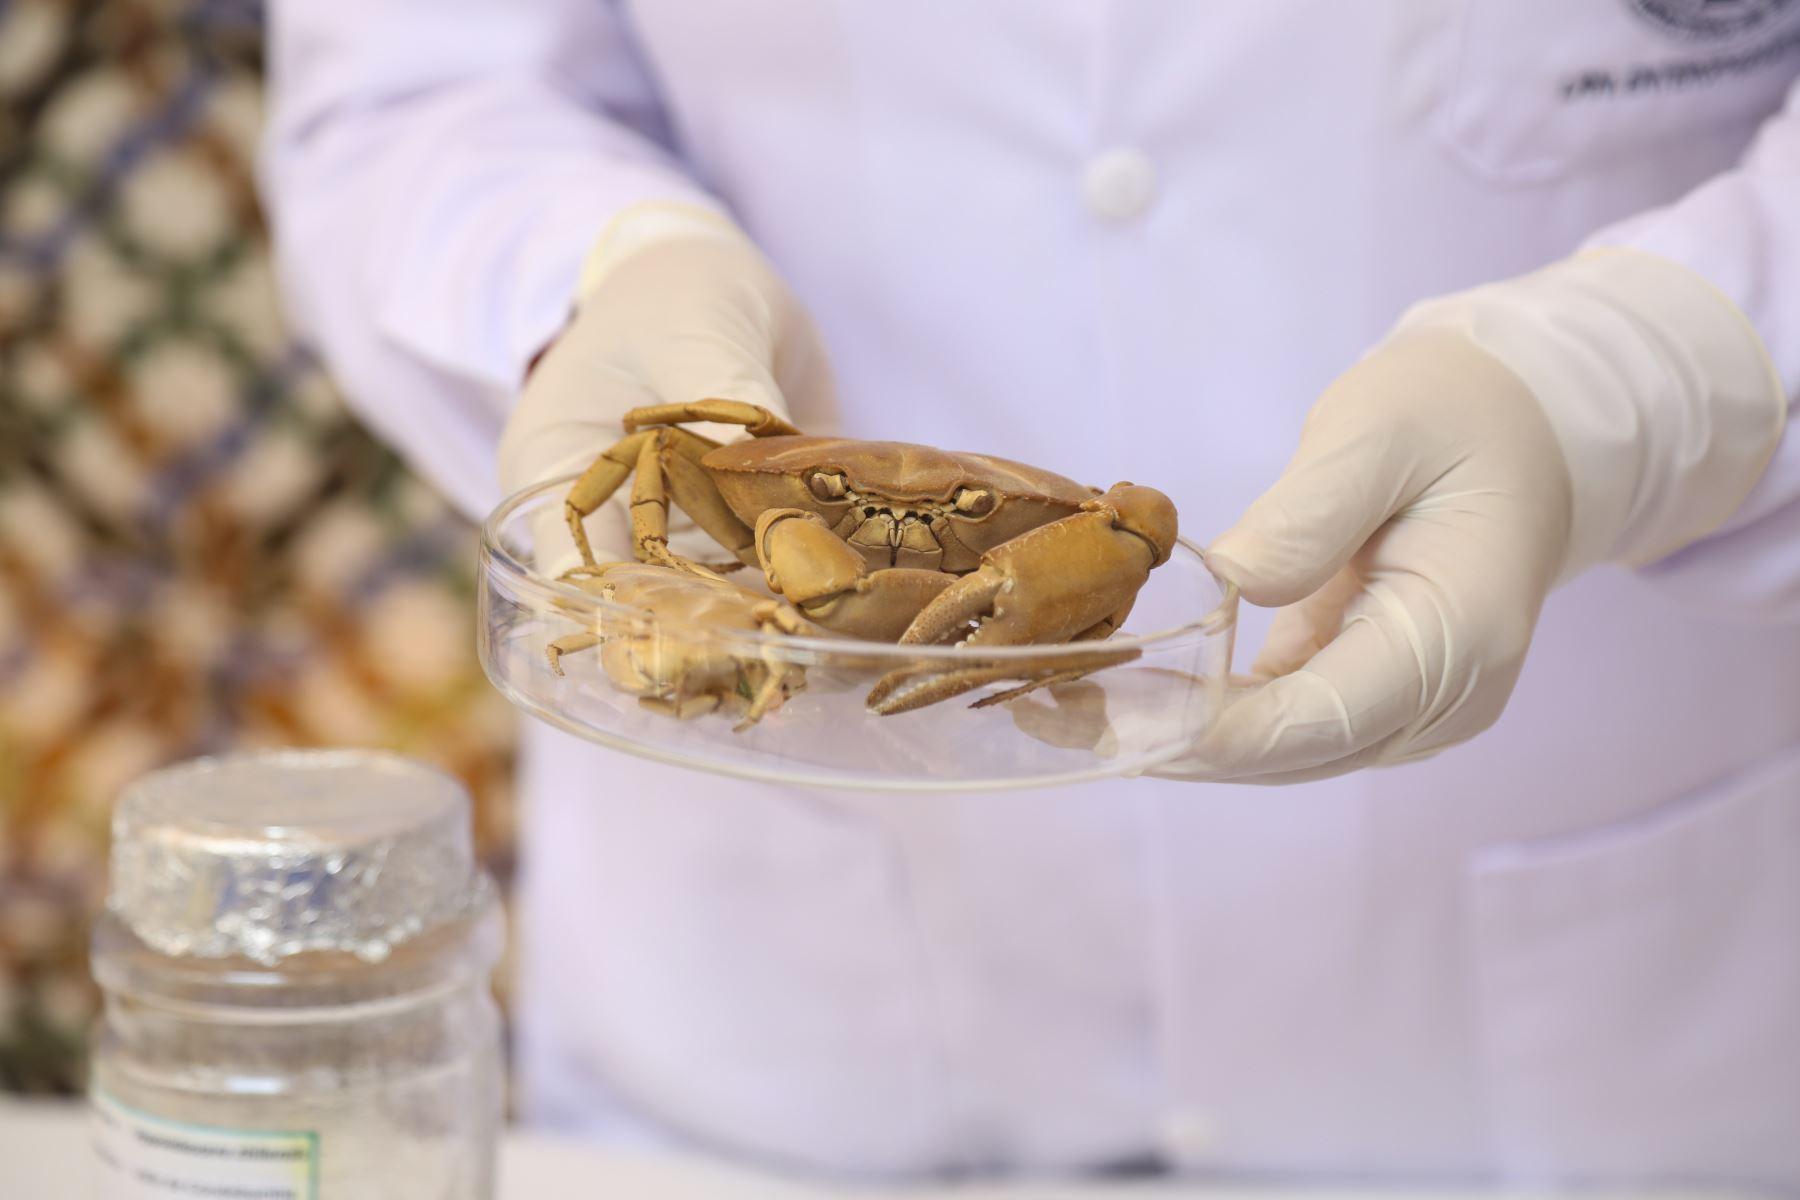 El 90% de parásitos intestinales se transmiten a través del consumo de alimentos y bebidas contaminadas. Estos microorganismos se adhieren a la mucosa intestinal y consumen gran cantidad de vitaminas y nutrientes, informó el Ministerio de Salud (Minsa) a través del Instituto Nacional de salud (INS). Foto: Minsa